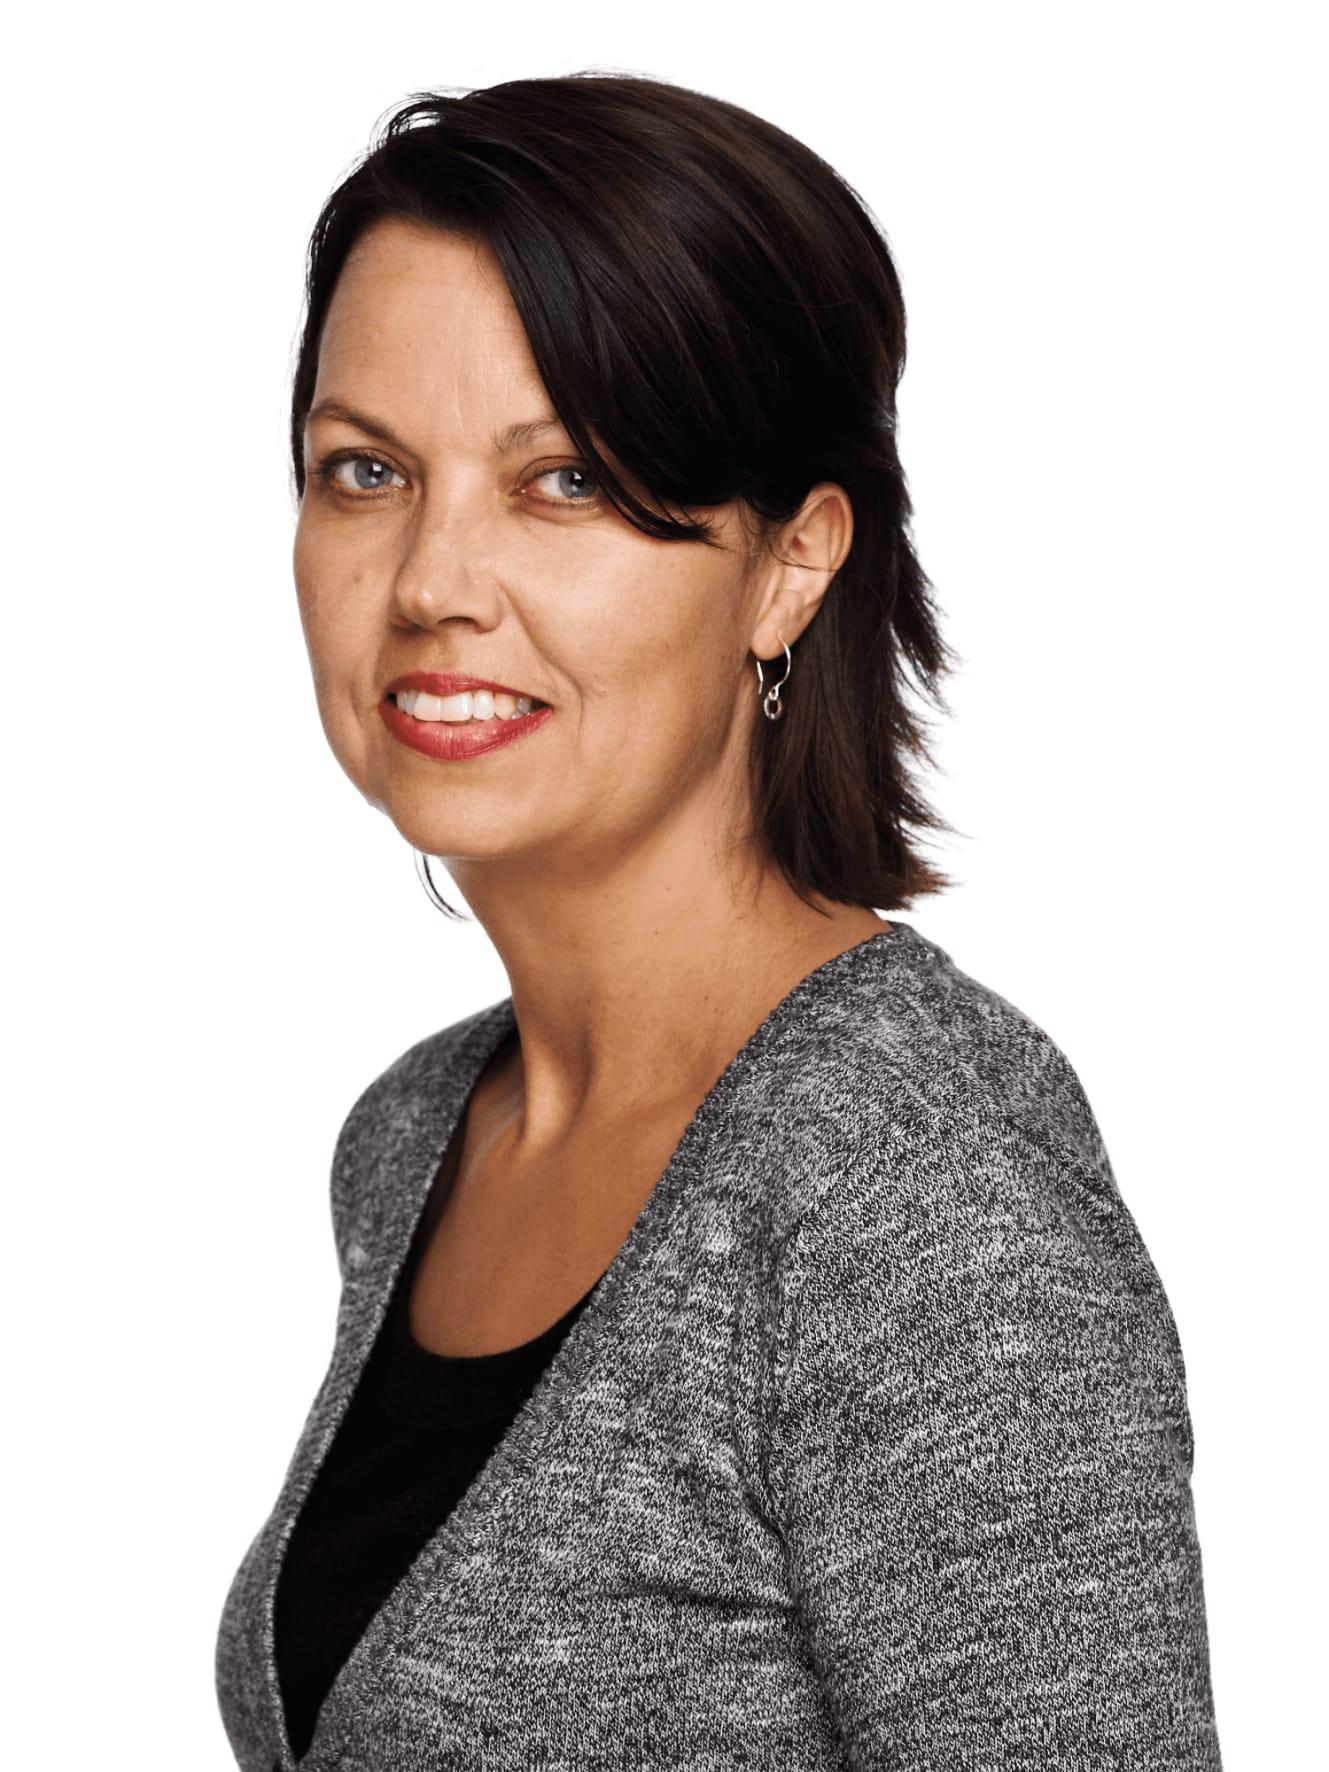 EKSPERT PÅ FERIEPENGER: Merethe Berggaard er advokatfullmektig i Finansforbundet og forteller deg alt du lurer på om feriepengene dine.